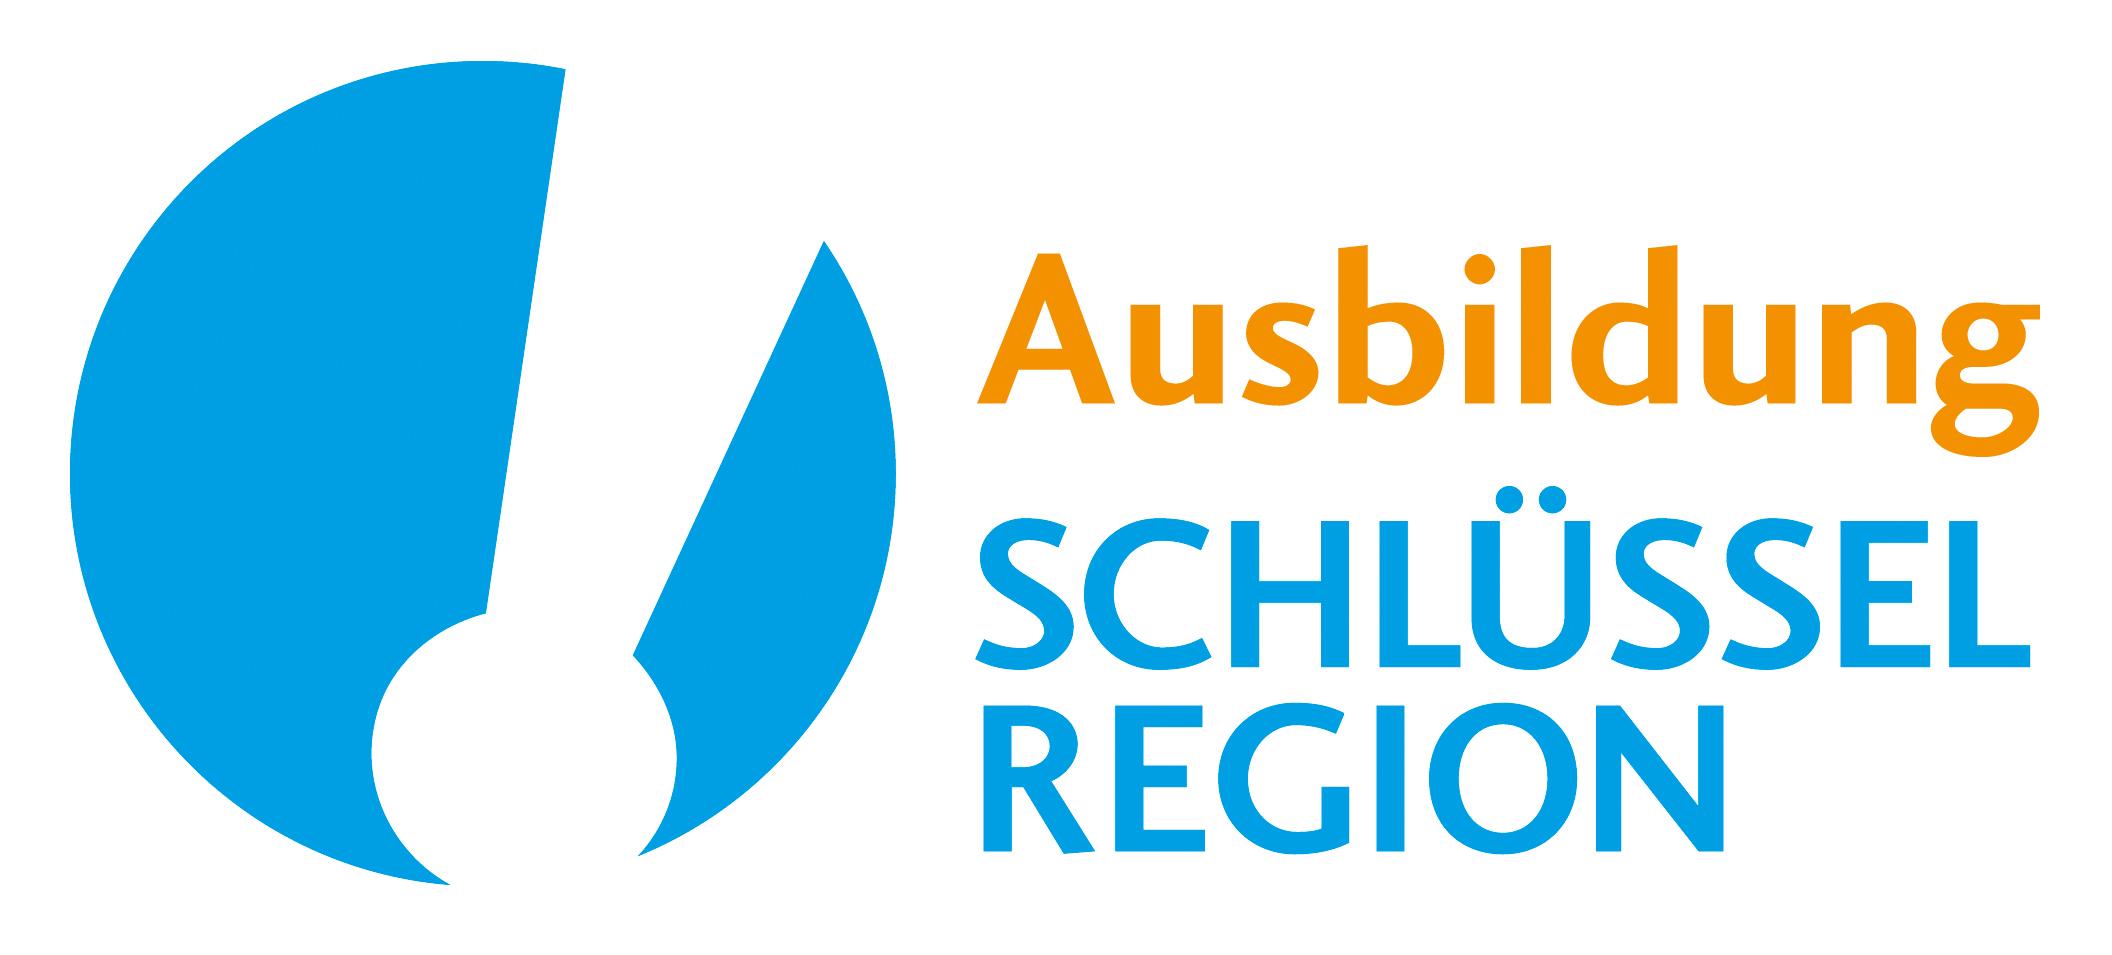 www.ausbildung-schluesselregion.de – die Ausbildungsinitiative des Vereins Schlüsselregion e.V.